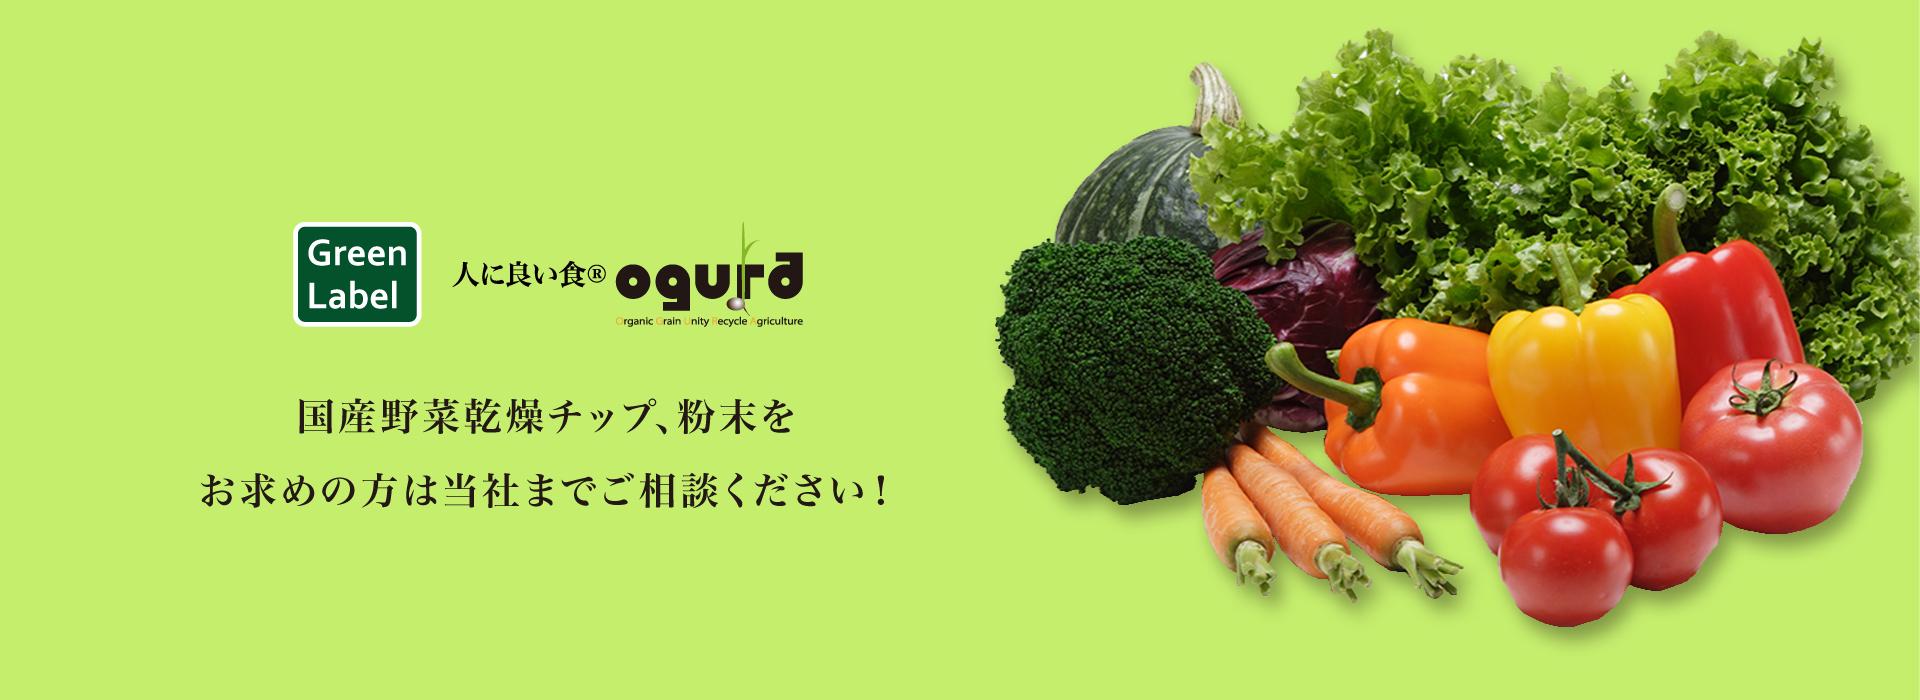 国産野菜の乾燥加工事業